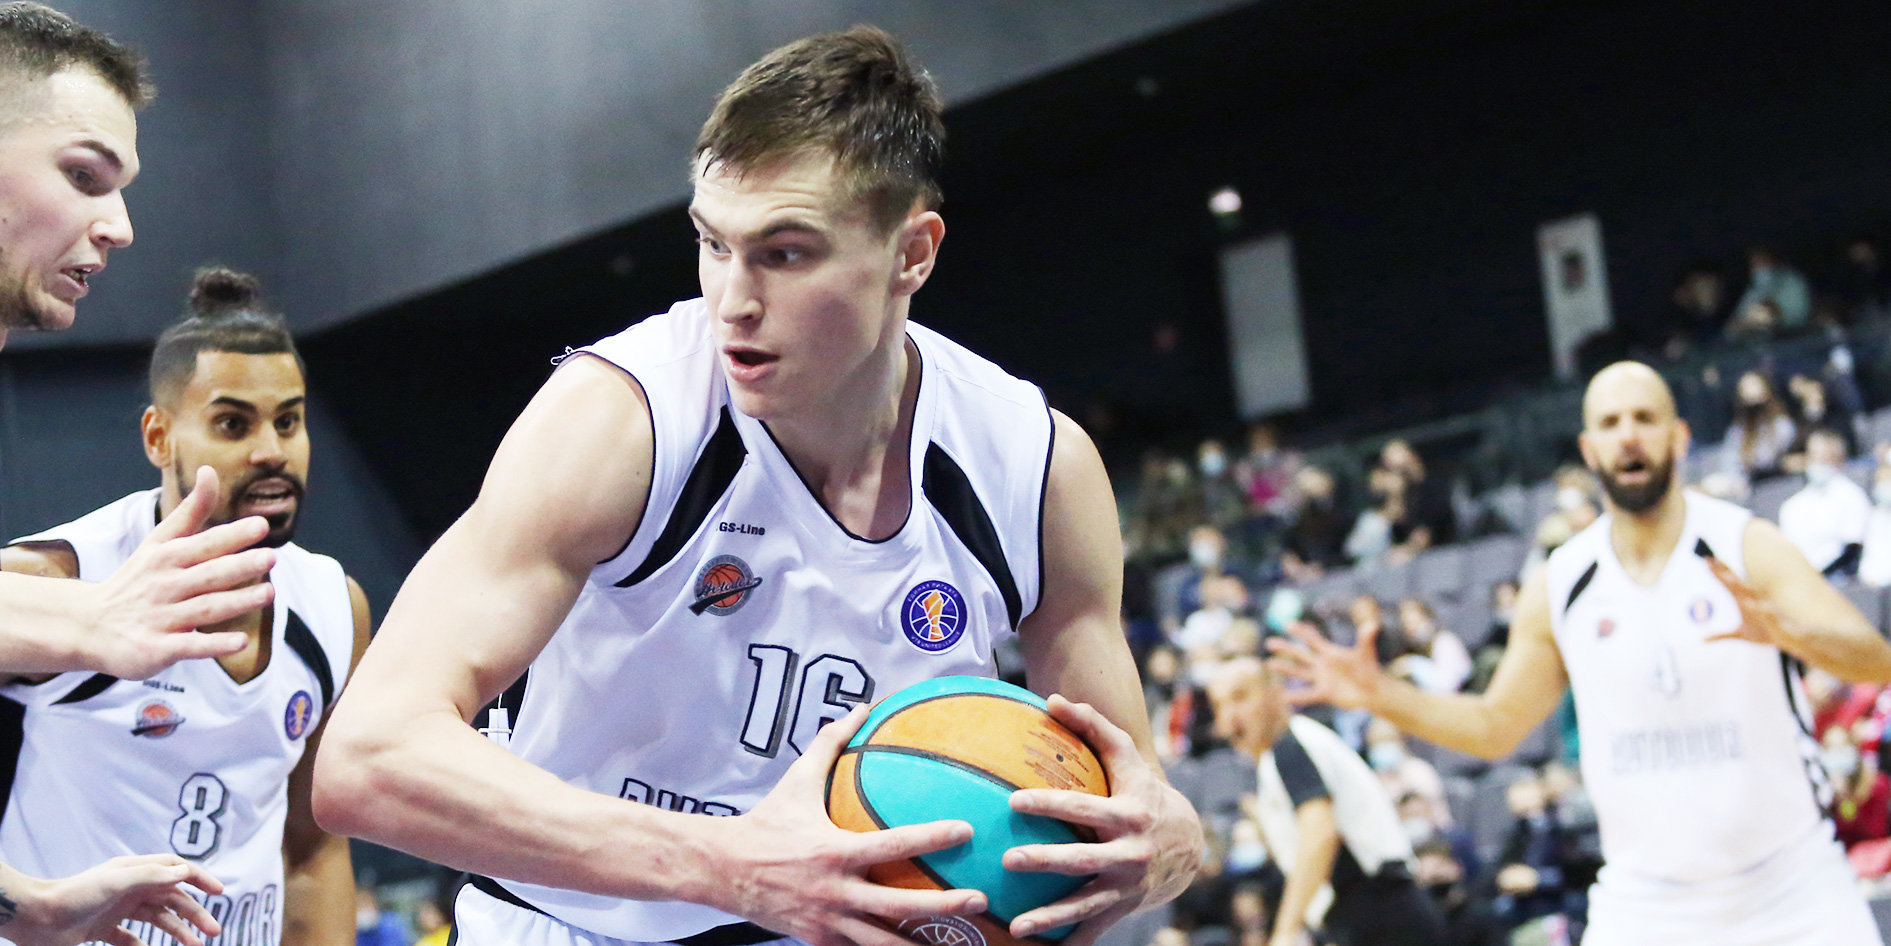 Квитковских и Савков могут дебютировать в сборной России в игре с Эстонией